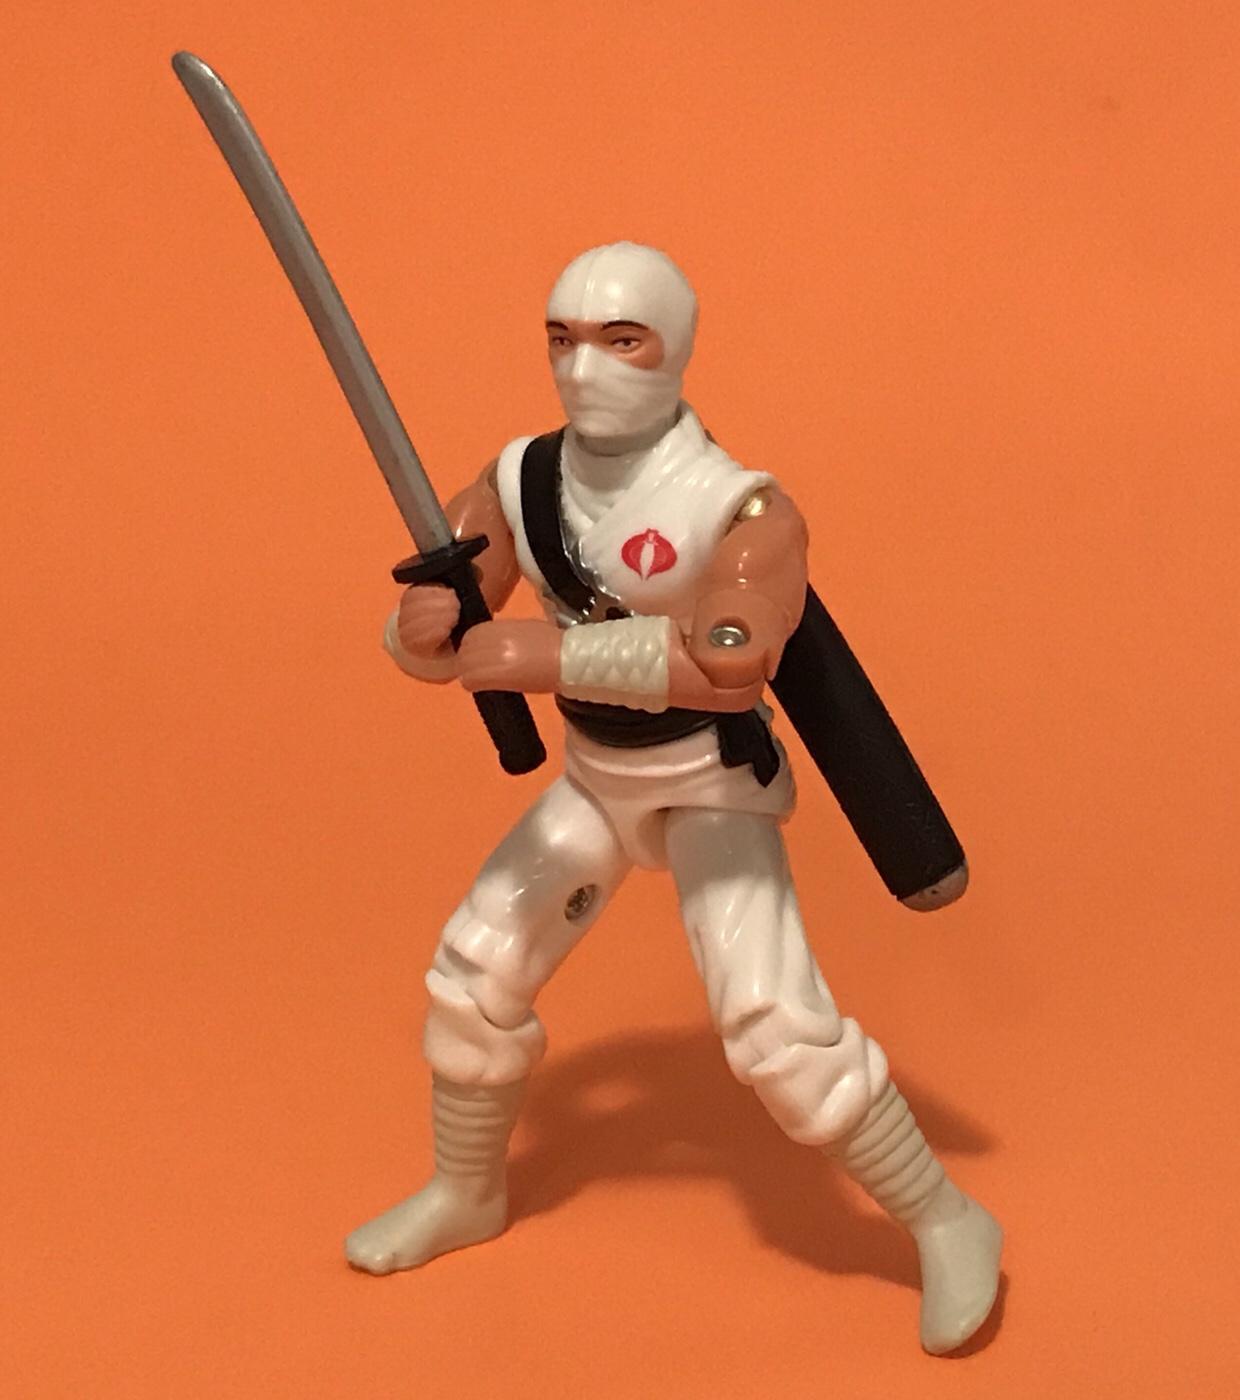 GI Joe Weapon Storm Shadow Backpack 2005 Original Figure Accessory